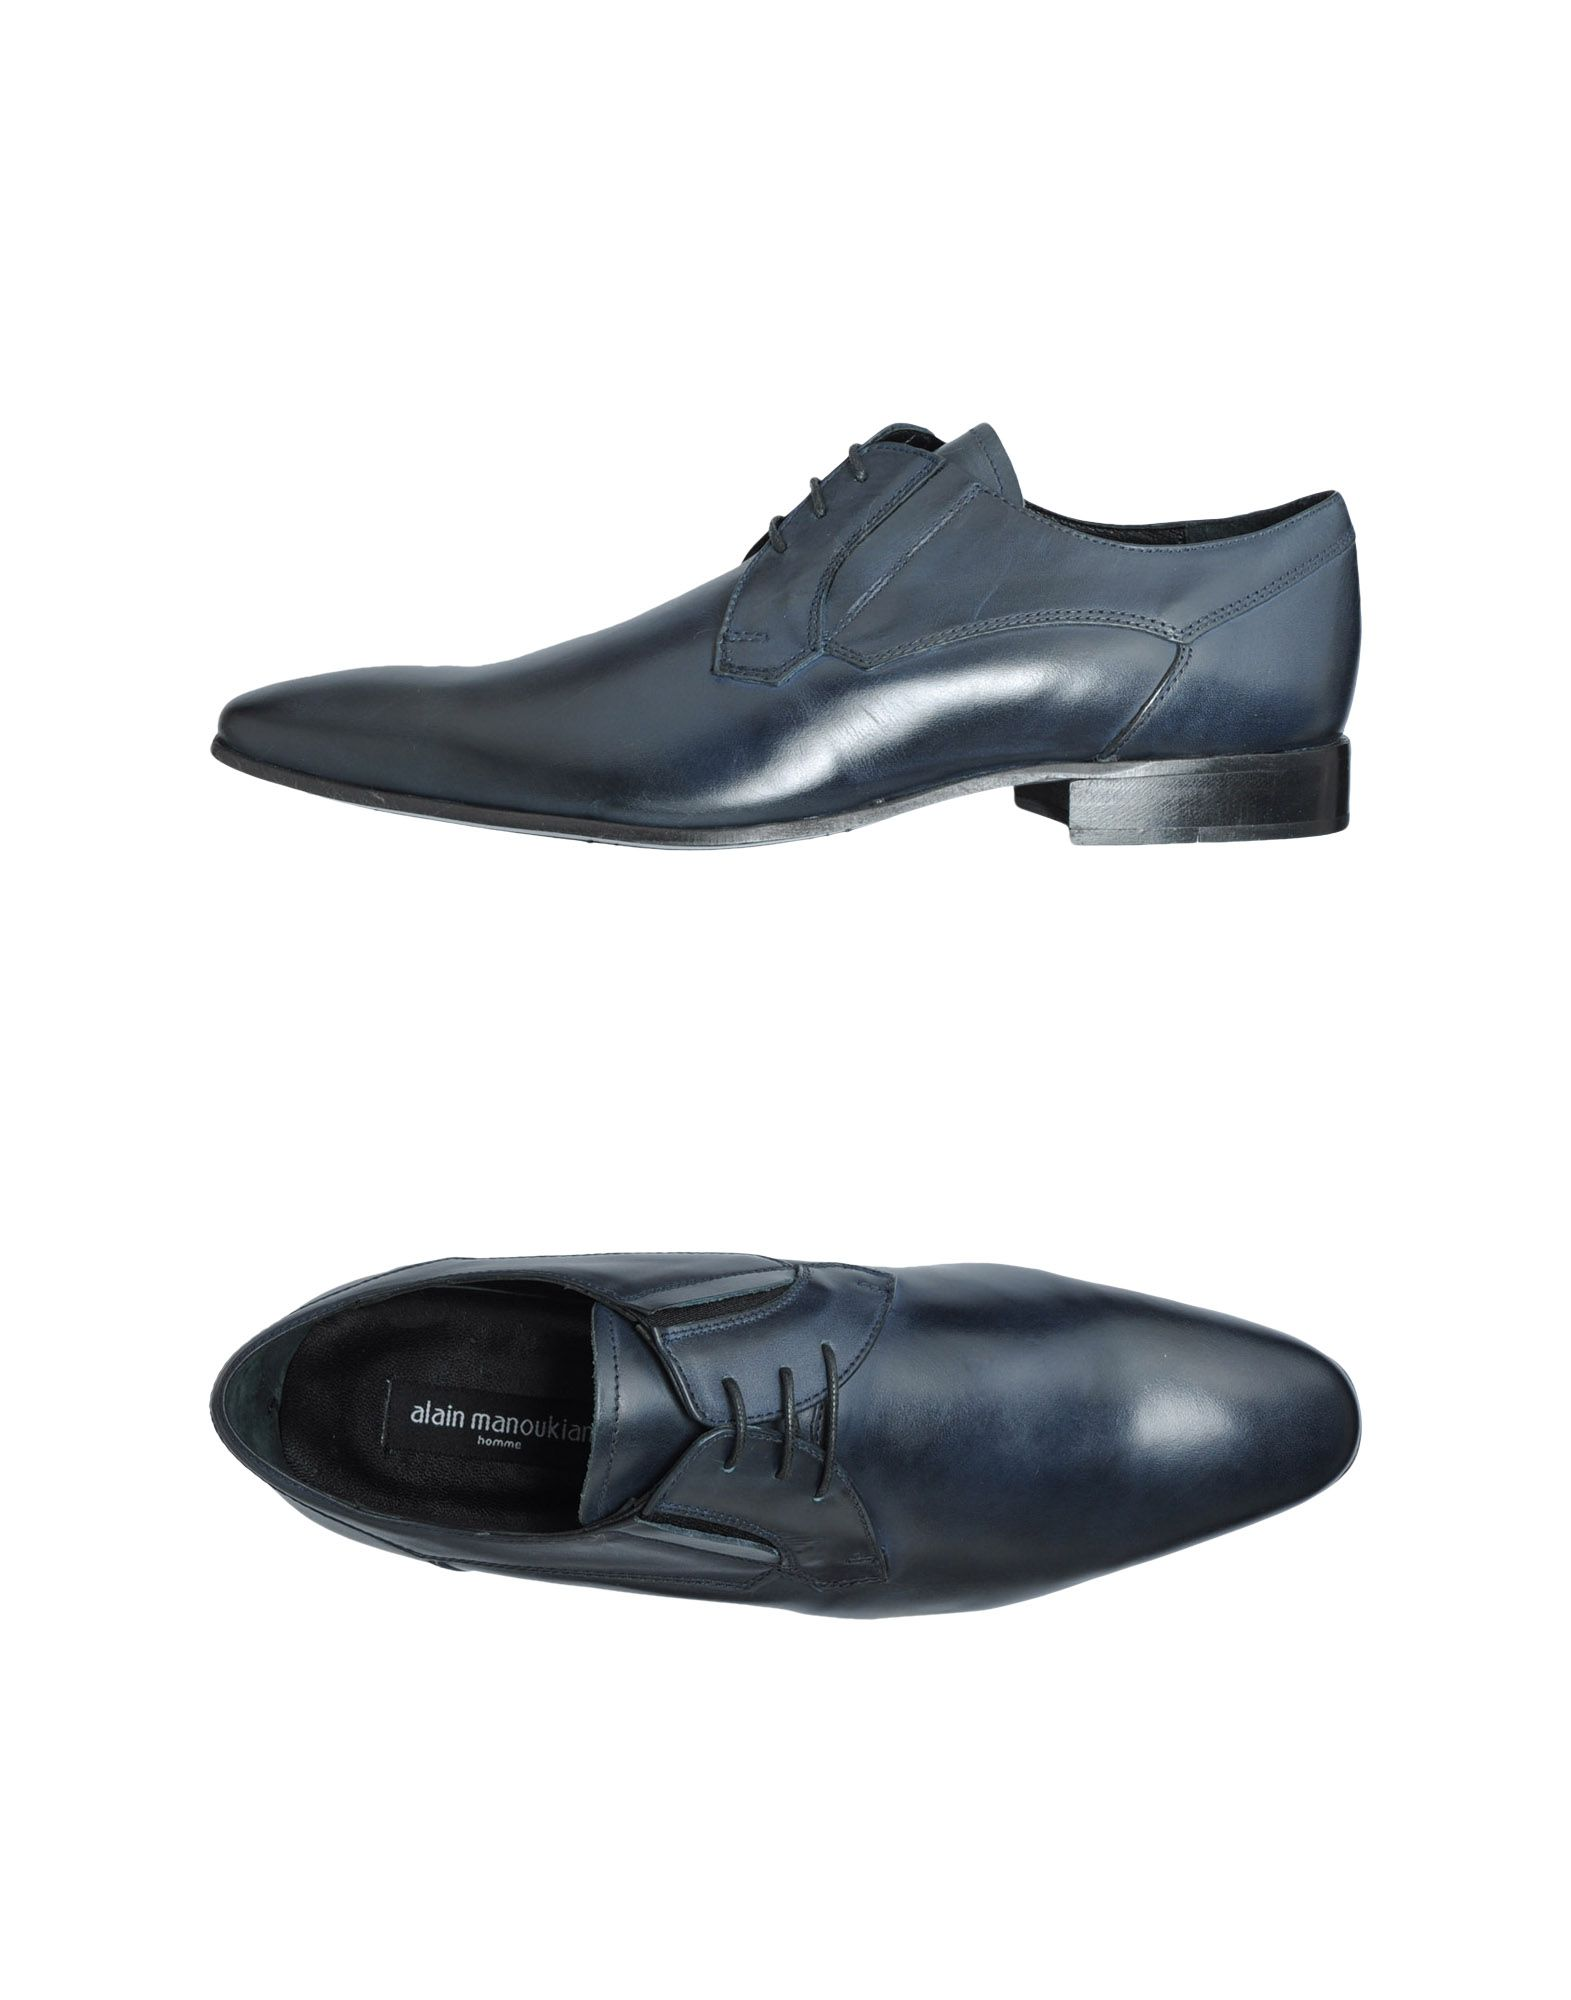 Alain Cordones Oscuro Hombre Zapatos Azul Homme Foto Manoukian De ywvn0O8mN